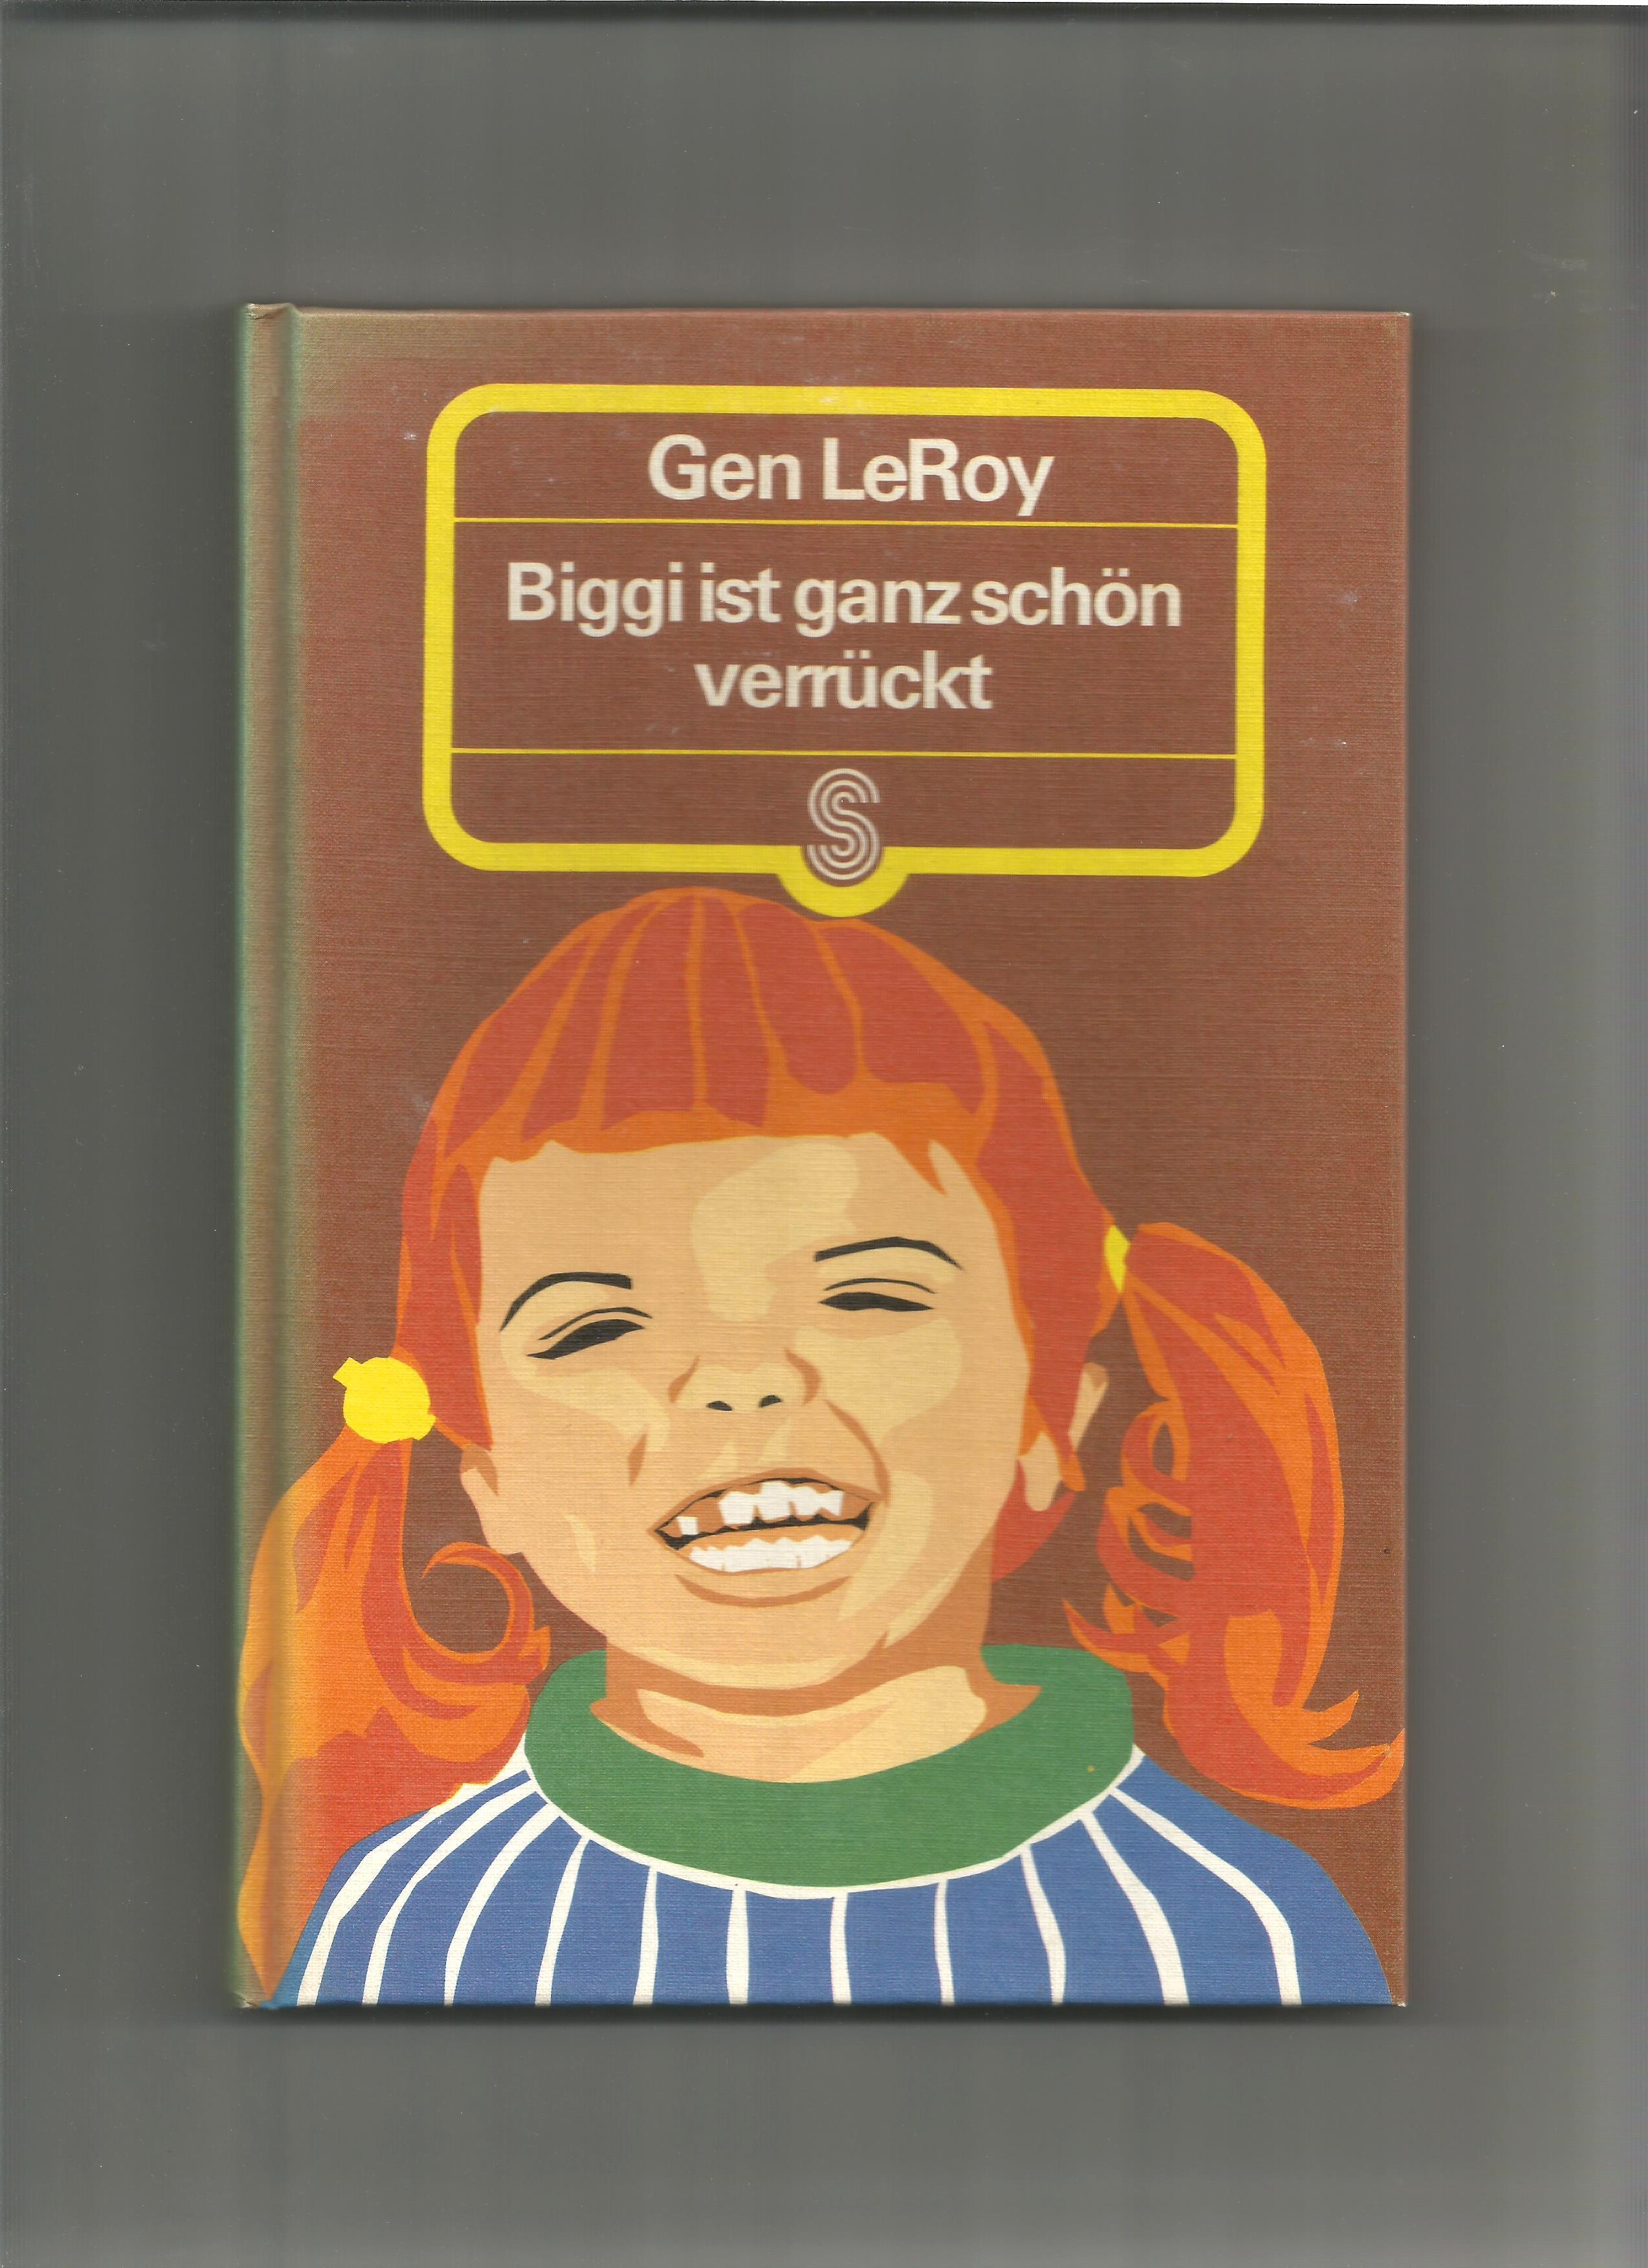 Biggi ist ganz schön verrückt.: LeRoy, Gen: